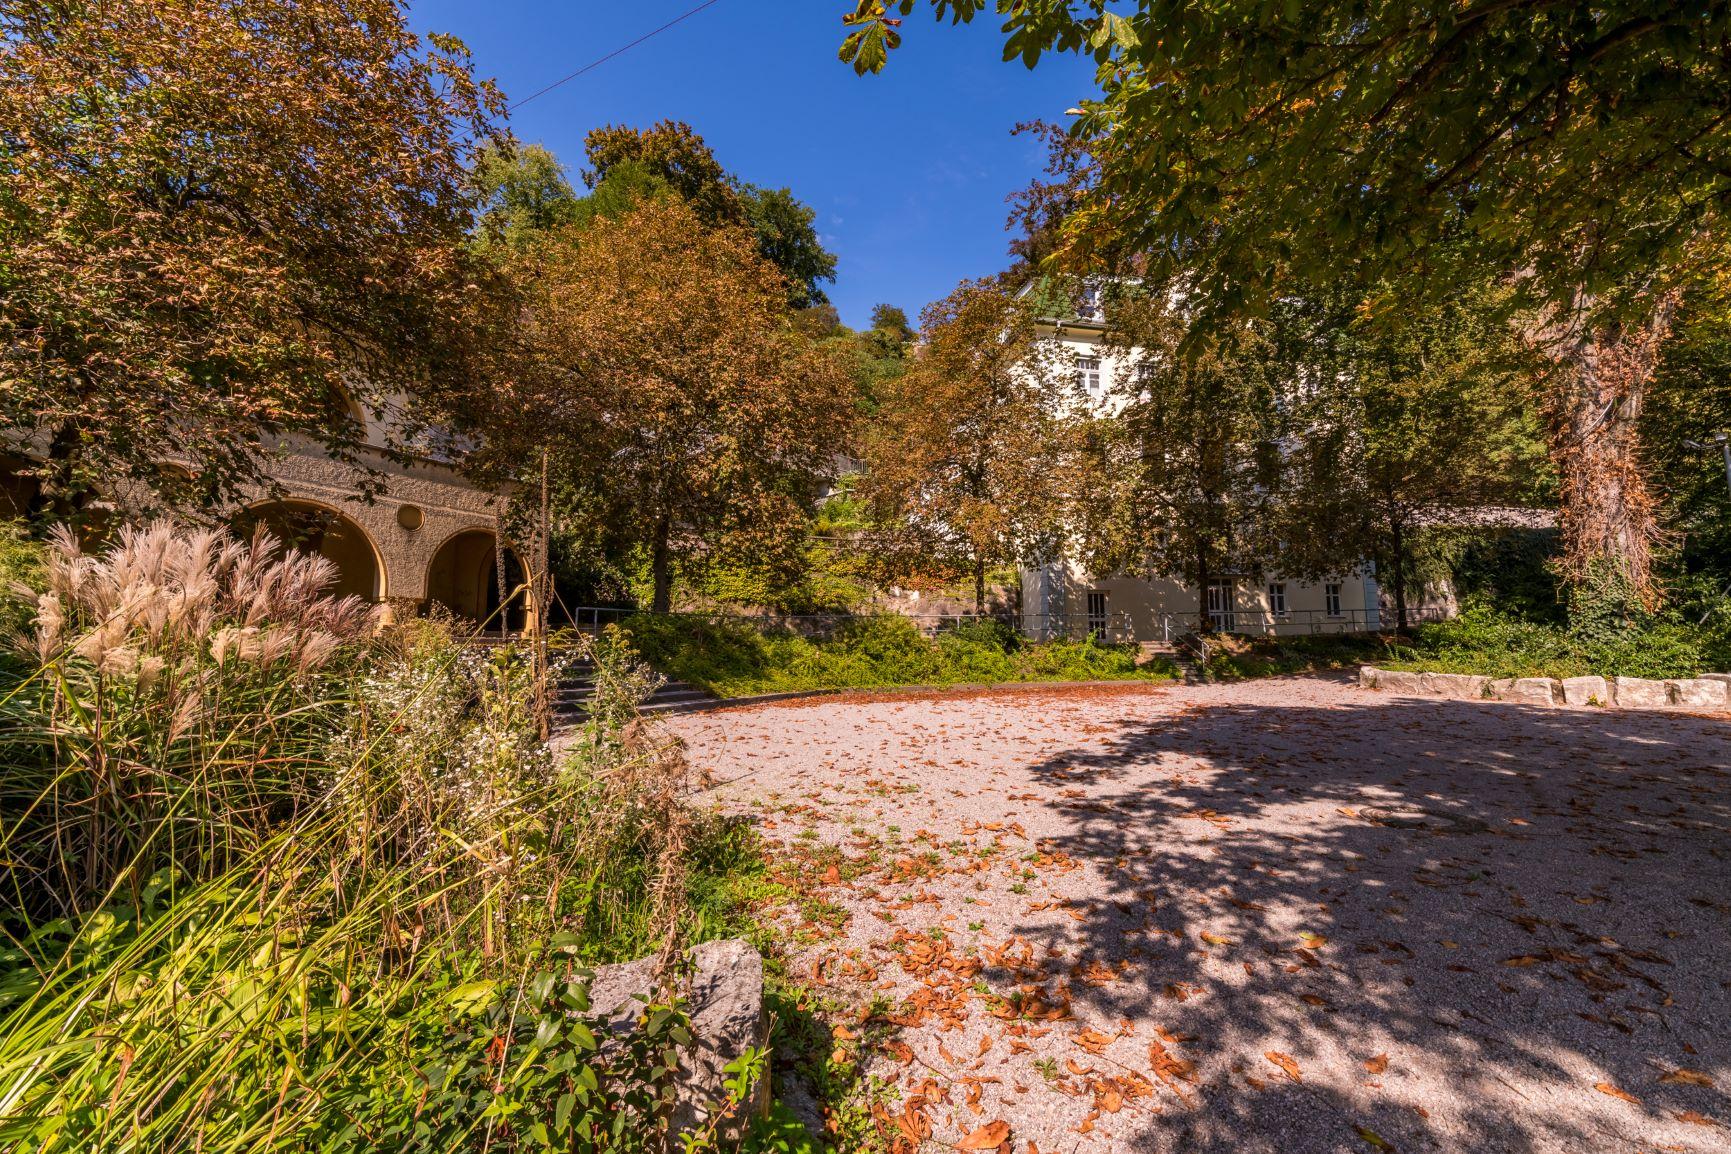 Der Garten der Codmananlage in Laufenburg